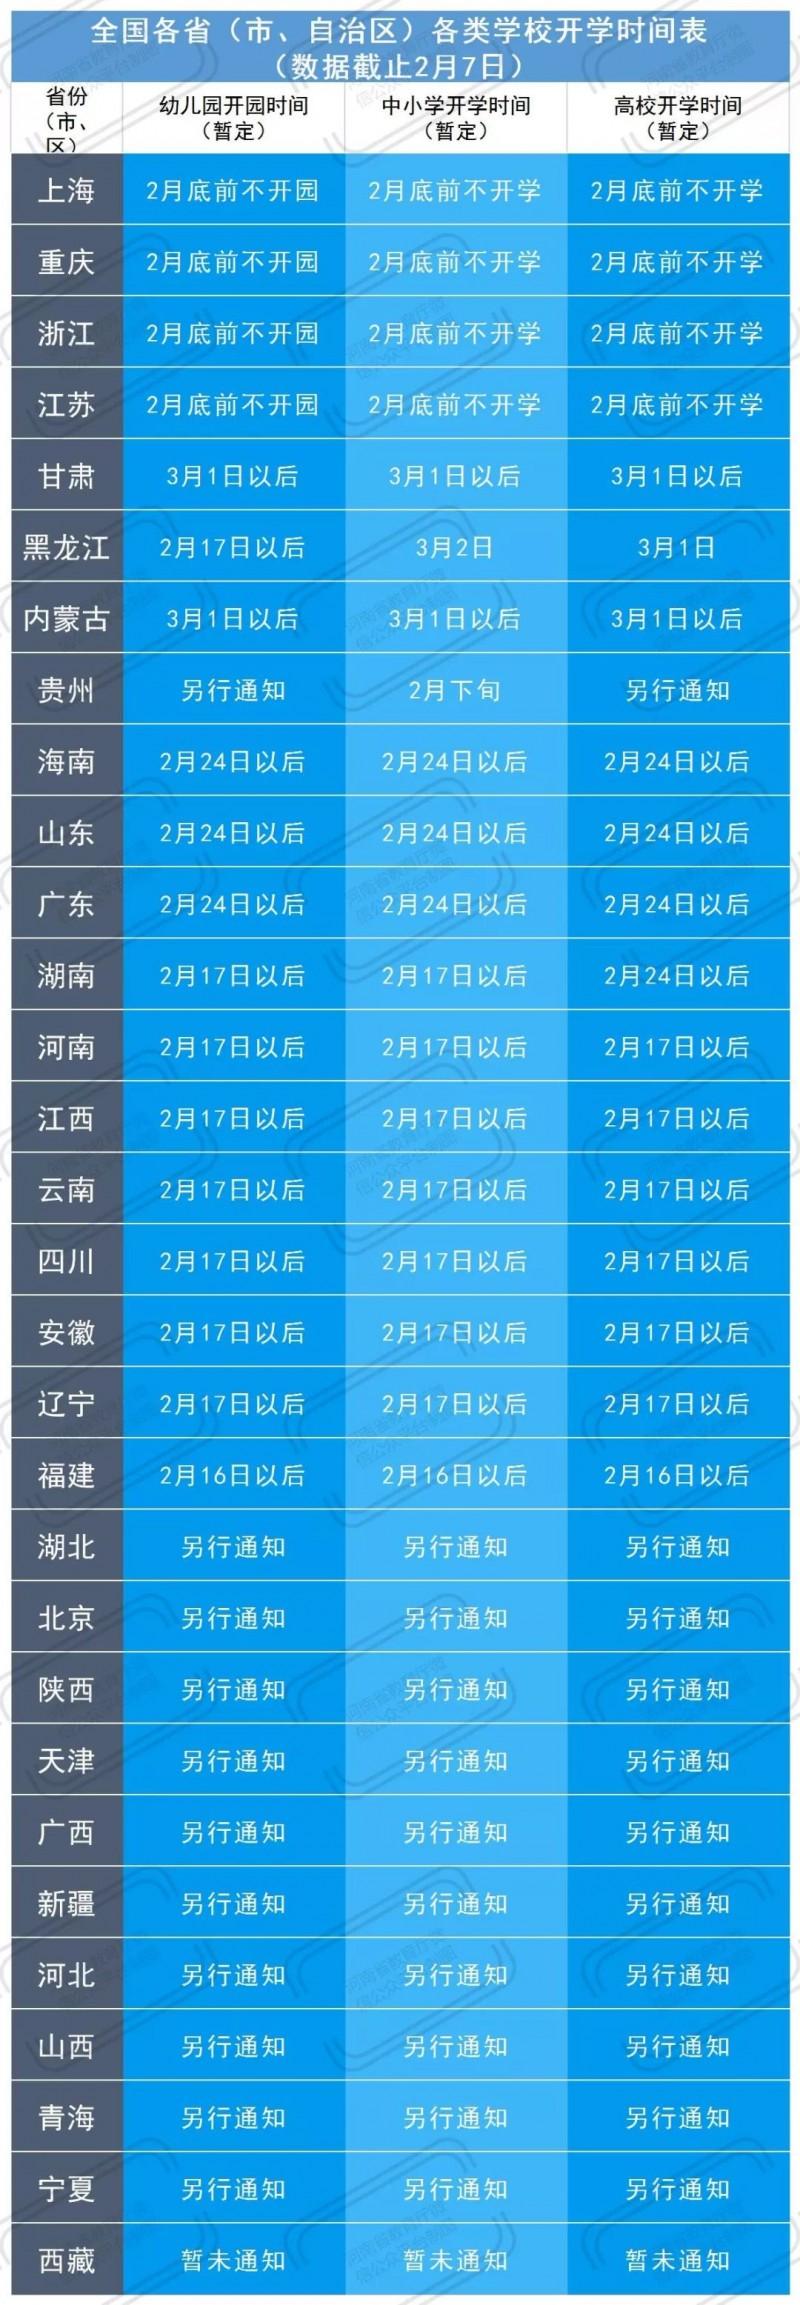 学生家长必看 全国各省(区、市)学校延期开学时间一览表